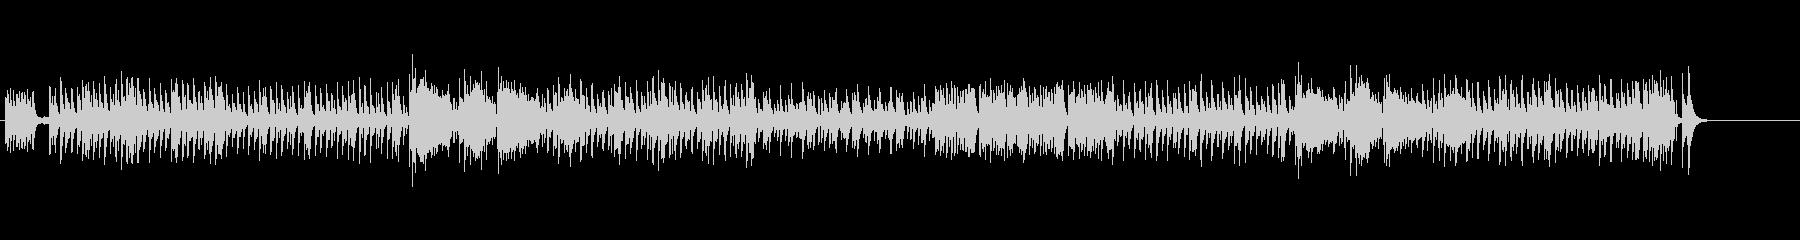 ベル・サウンドの未再生の波形